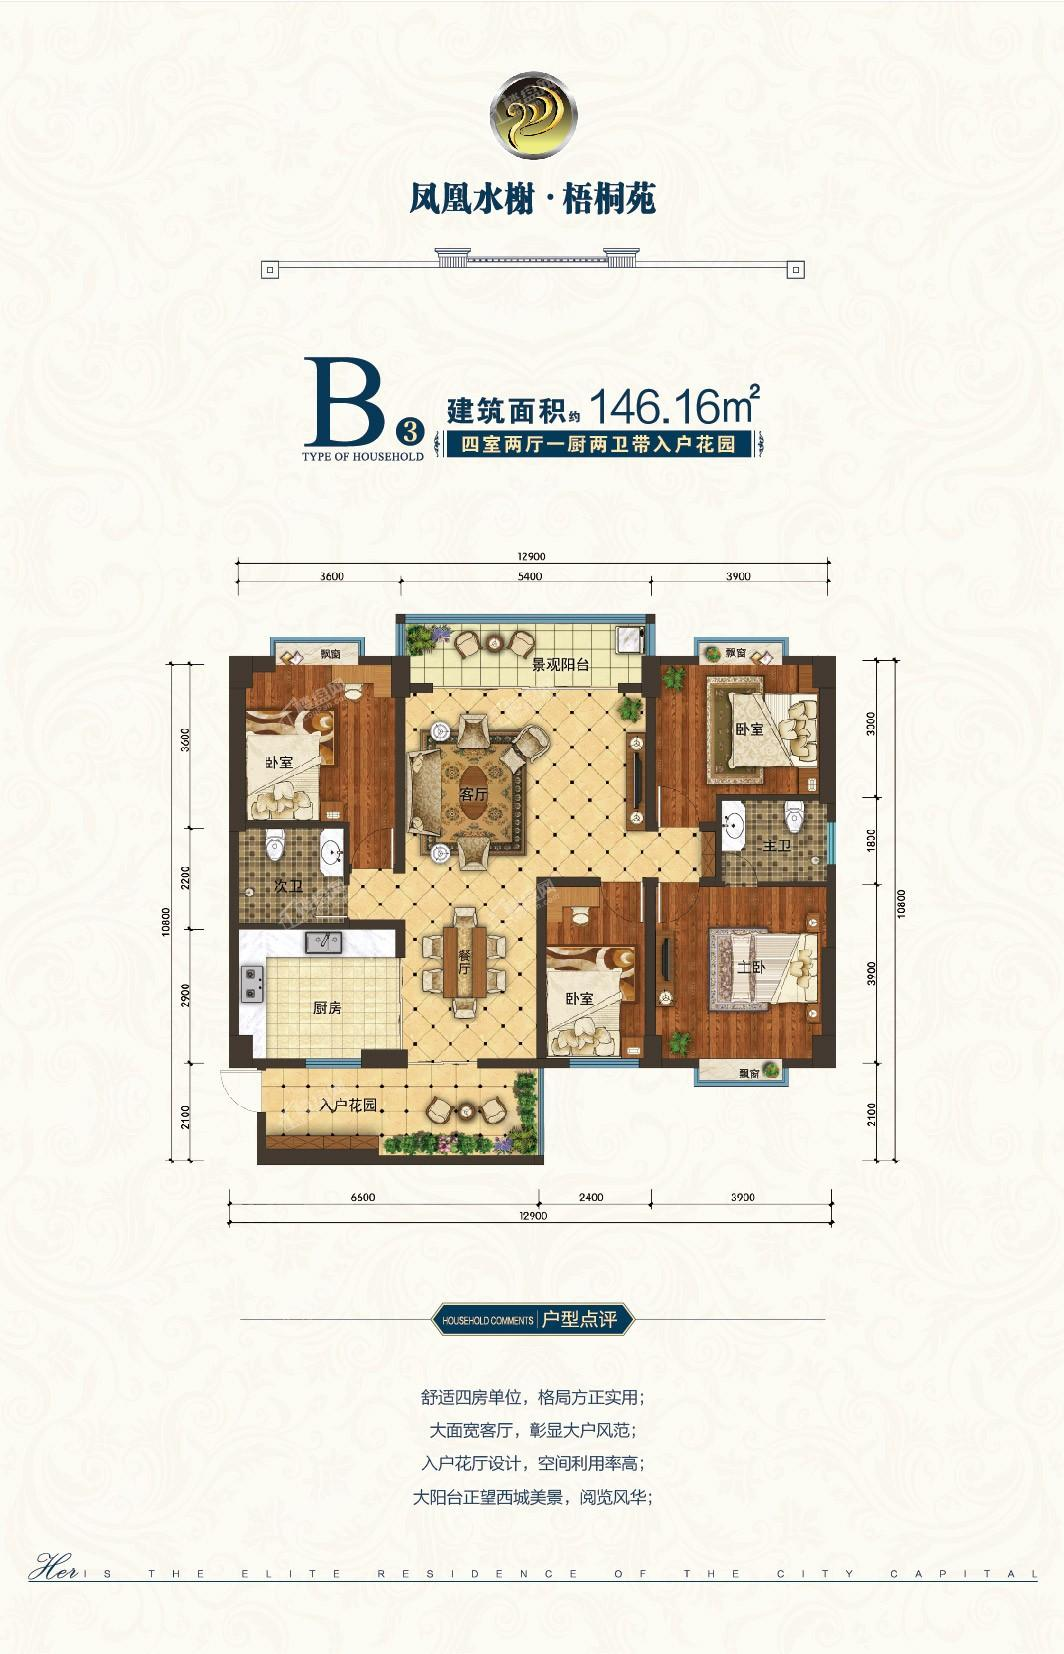 凤凰水榭·梧桐苑户型图6